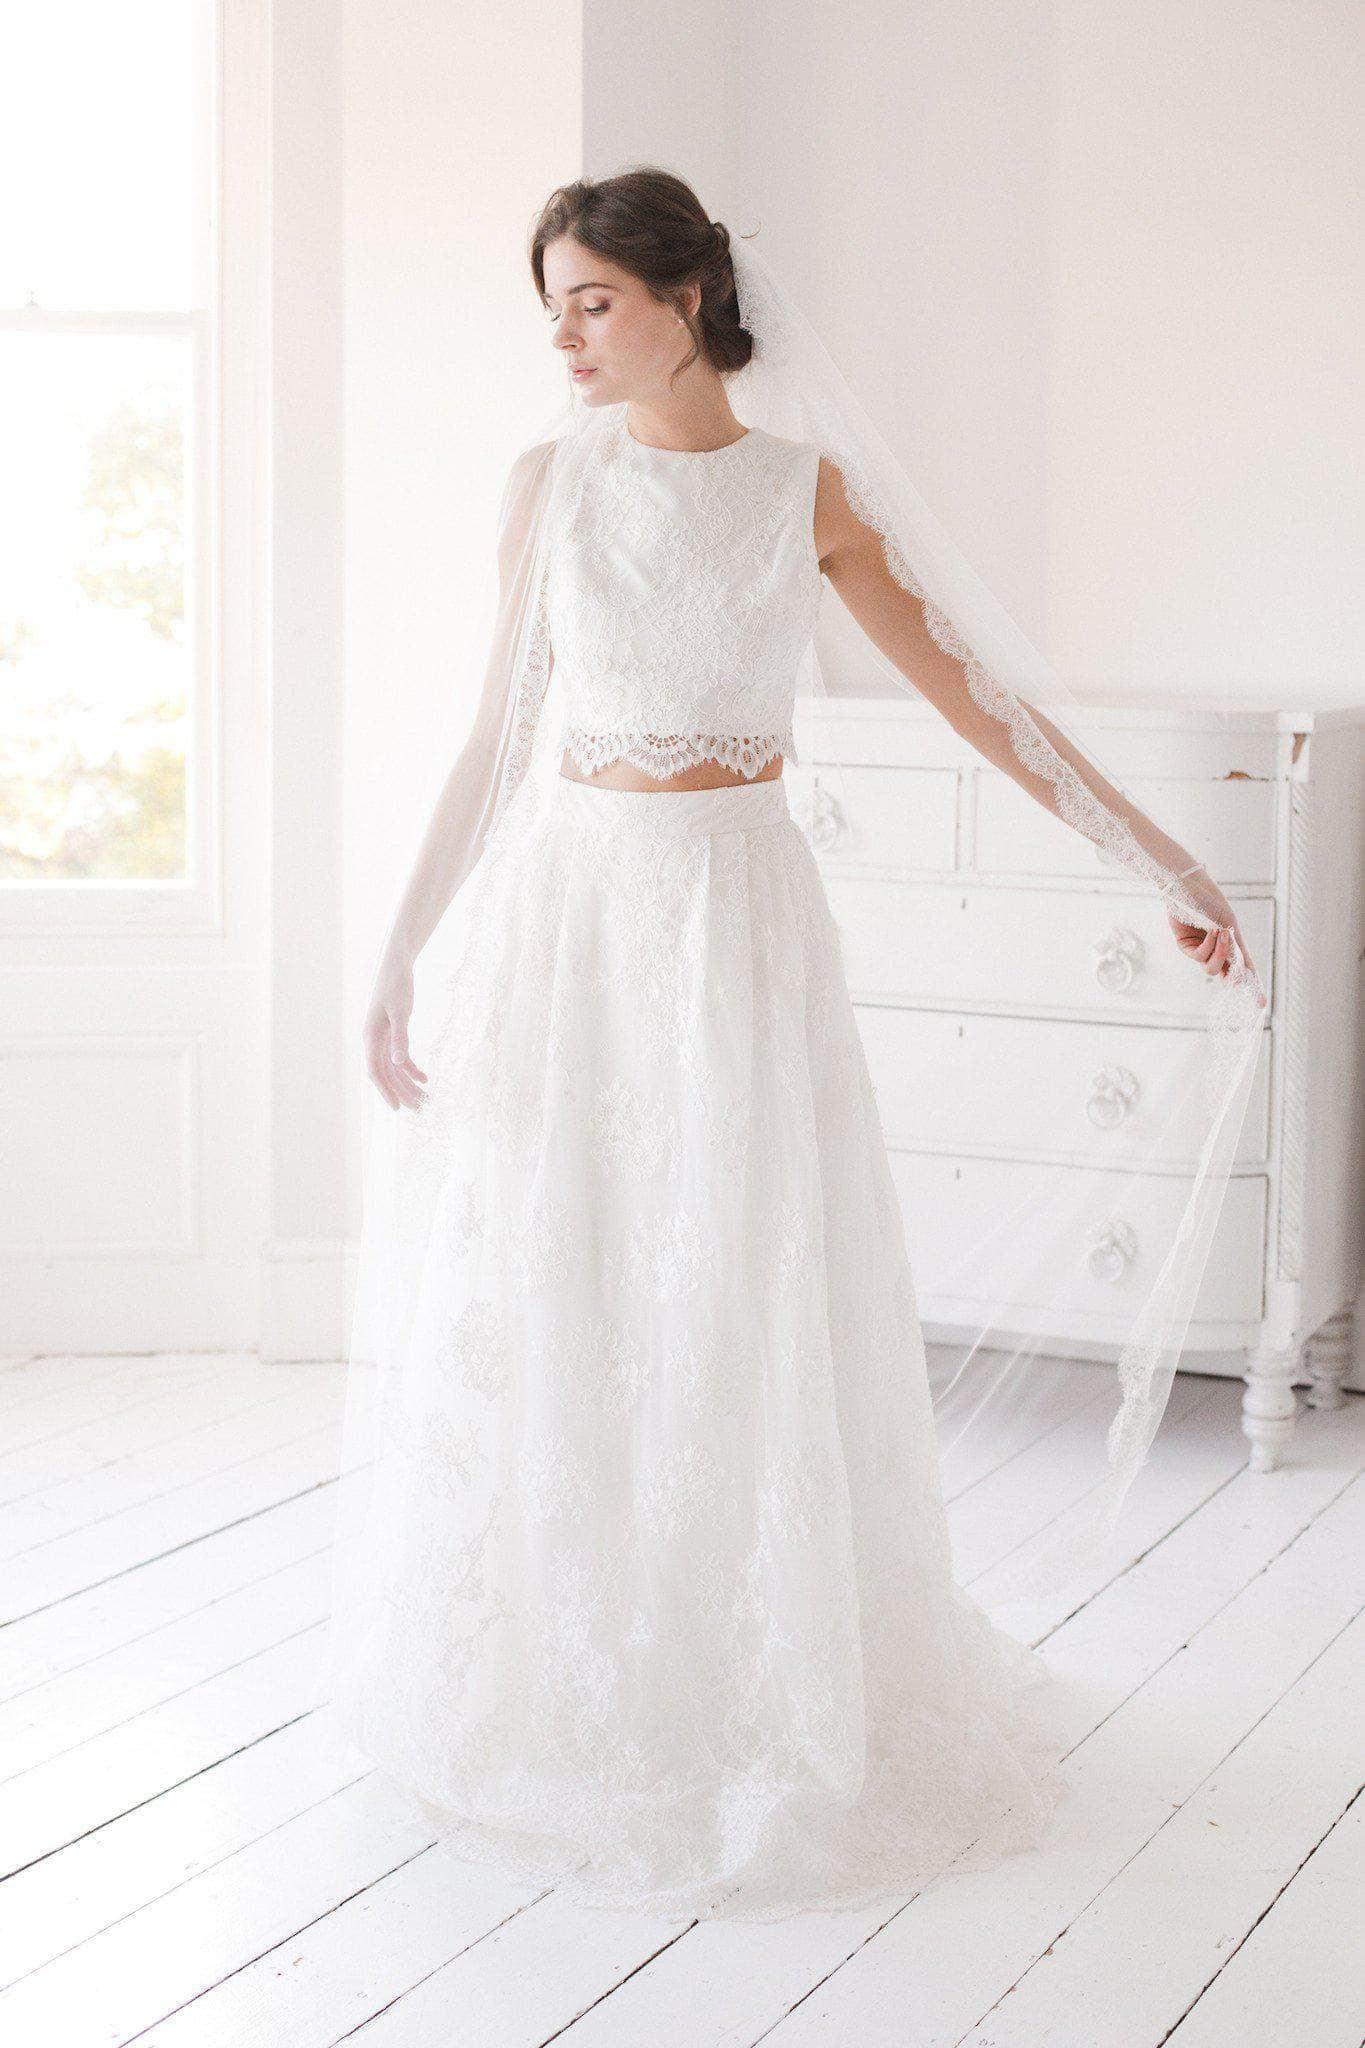 Lace Trim Wedding Veil  Silk style wedding veil with french eyelash lace trim